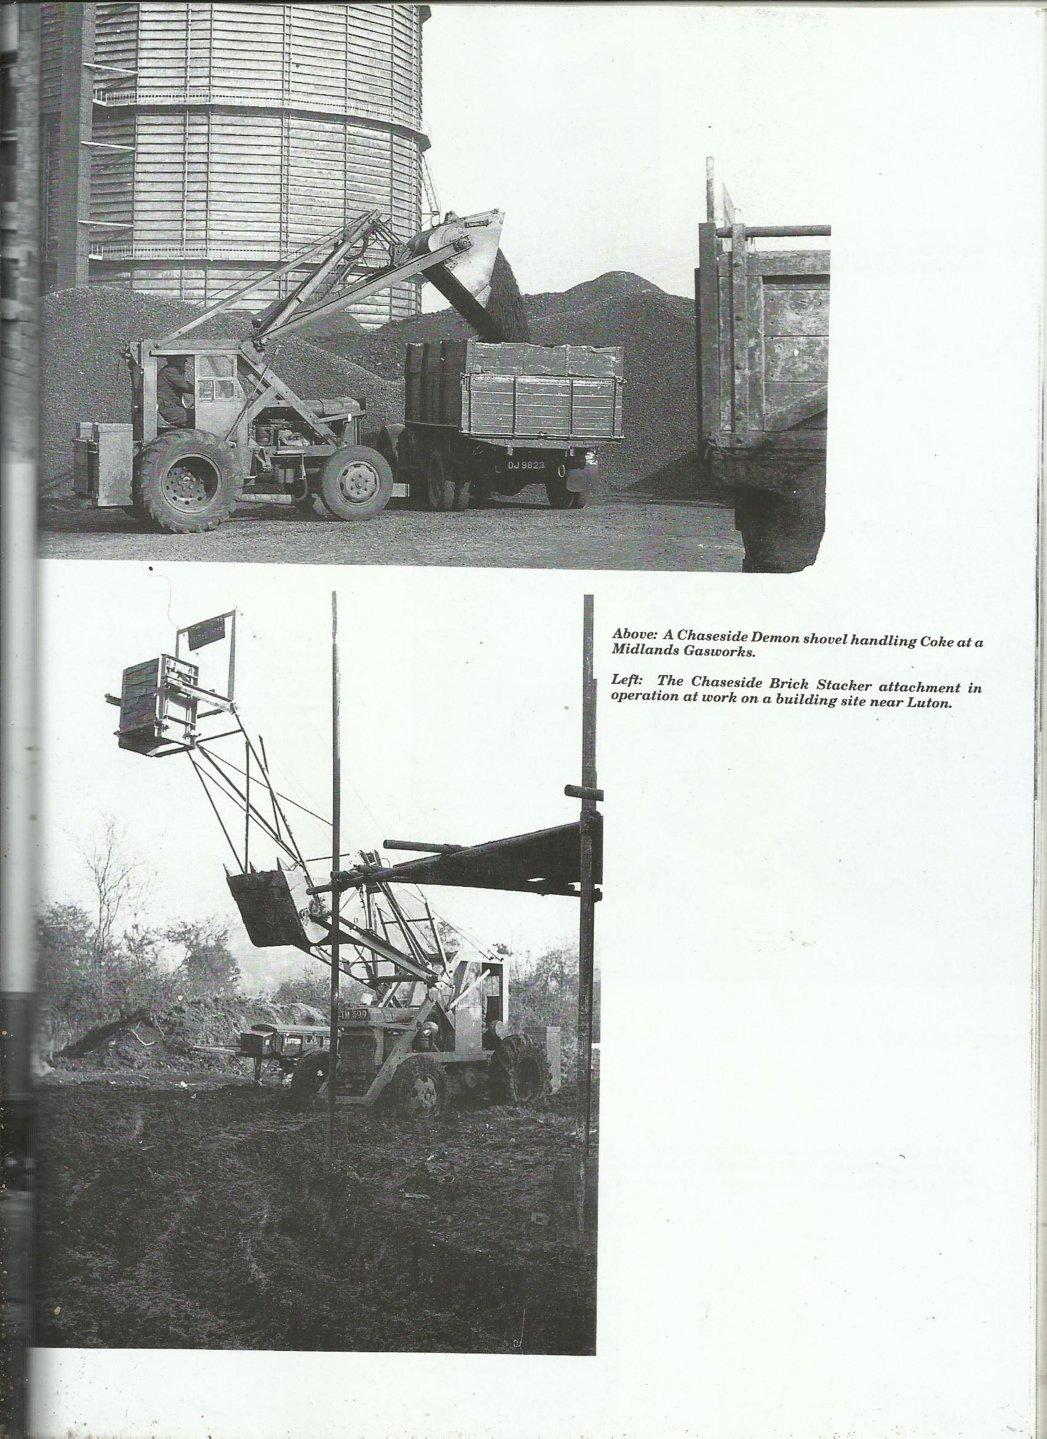 caricatori industriali pale meccaniche Chaseside2-jpg